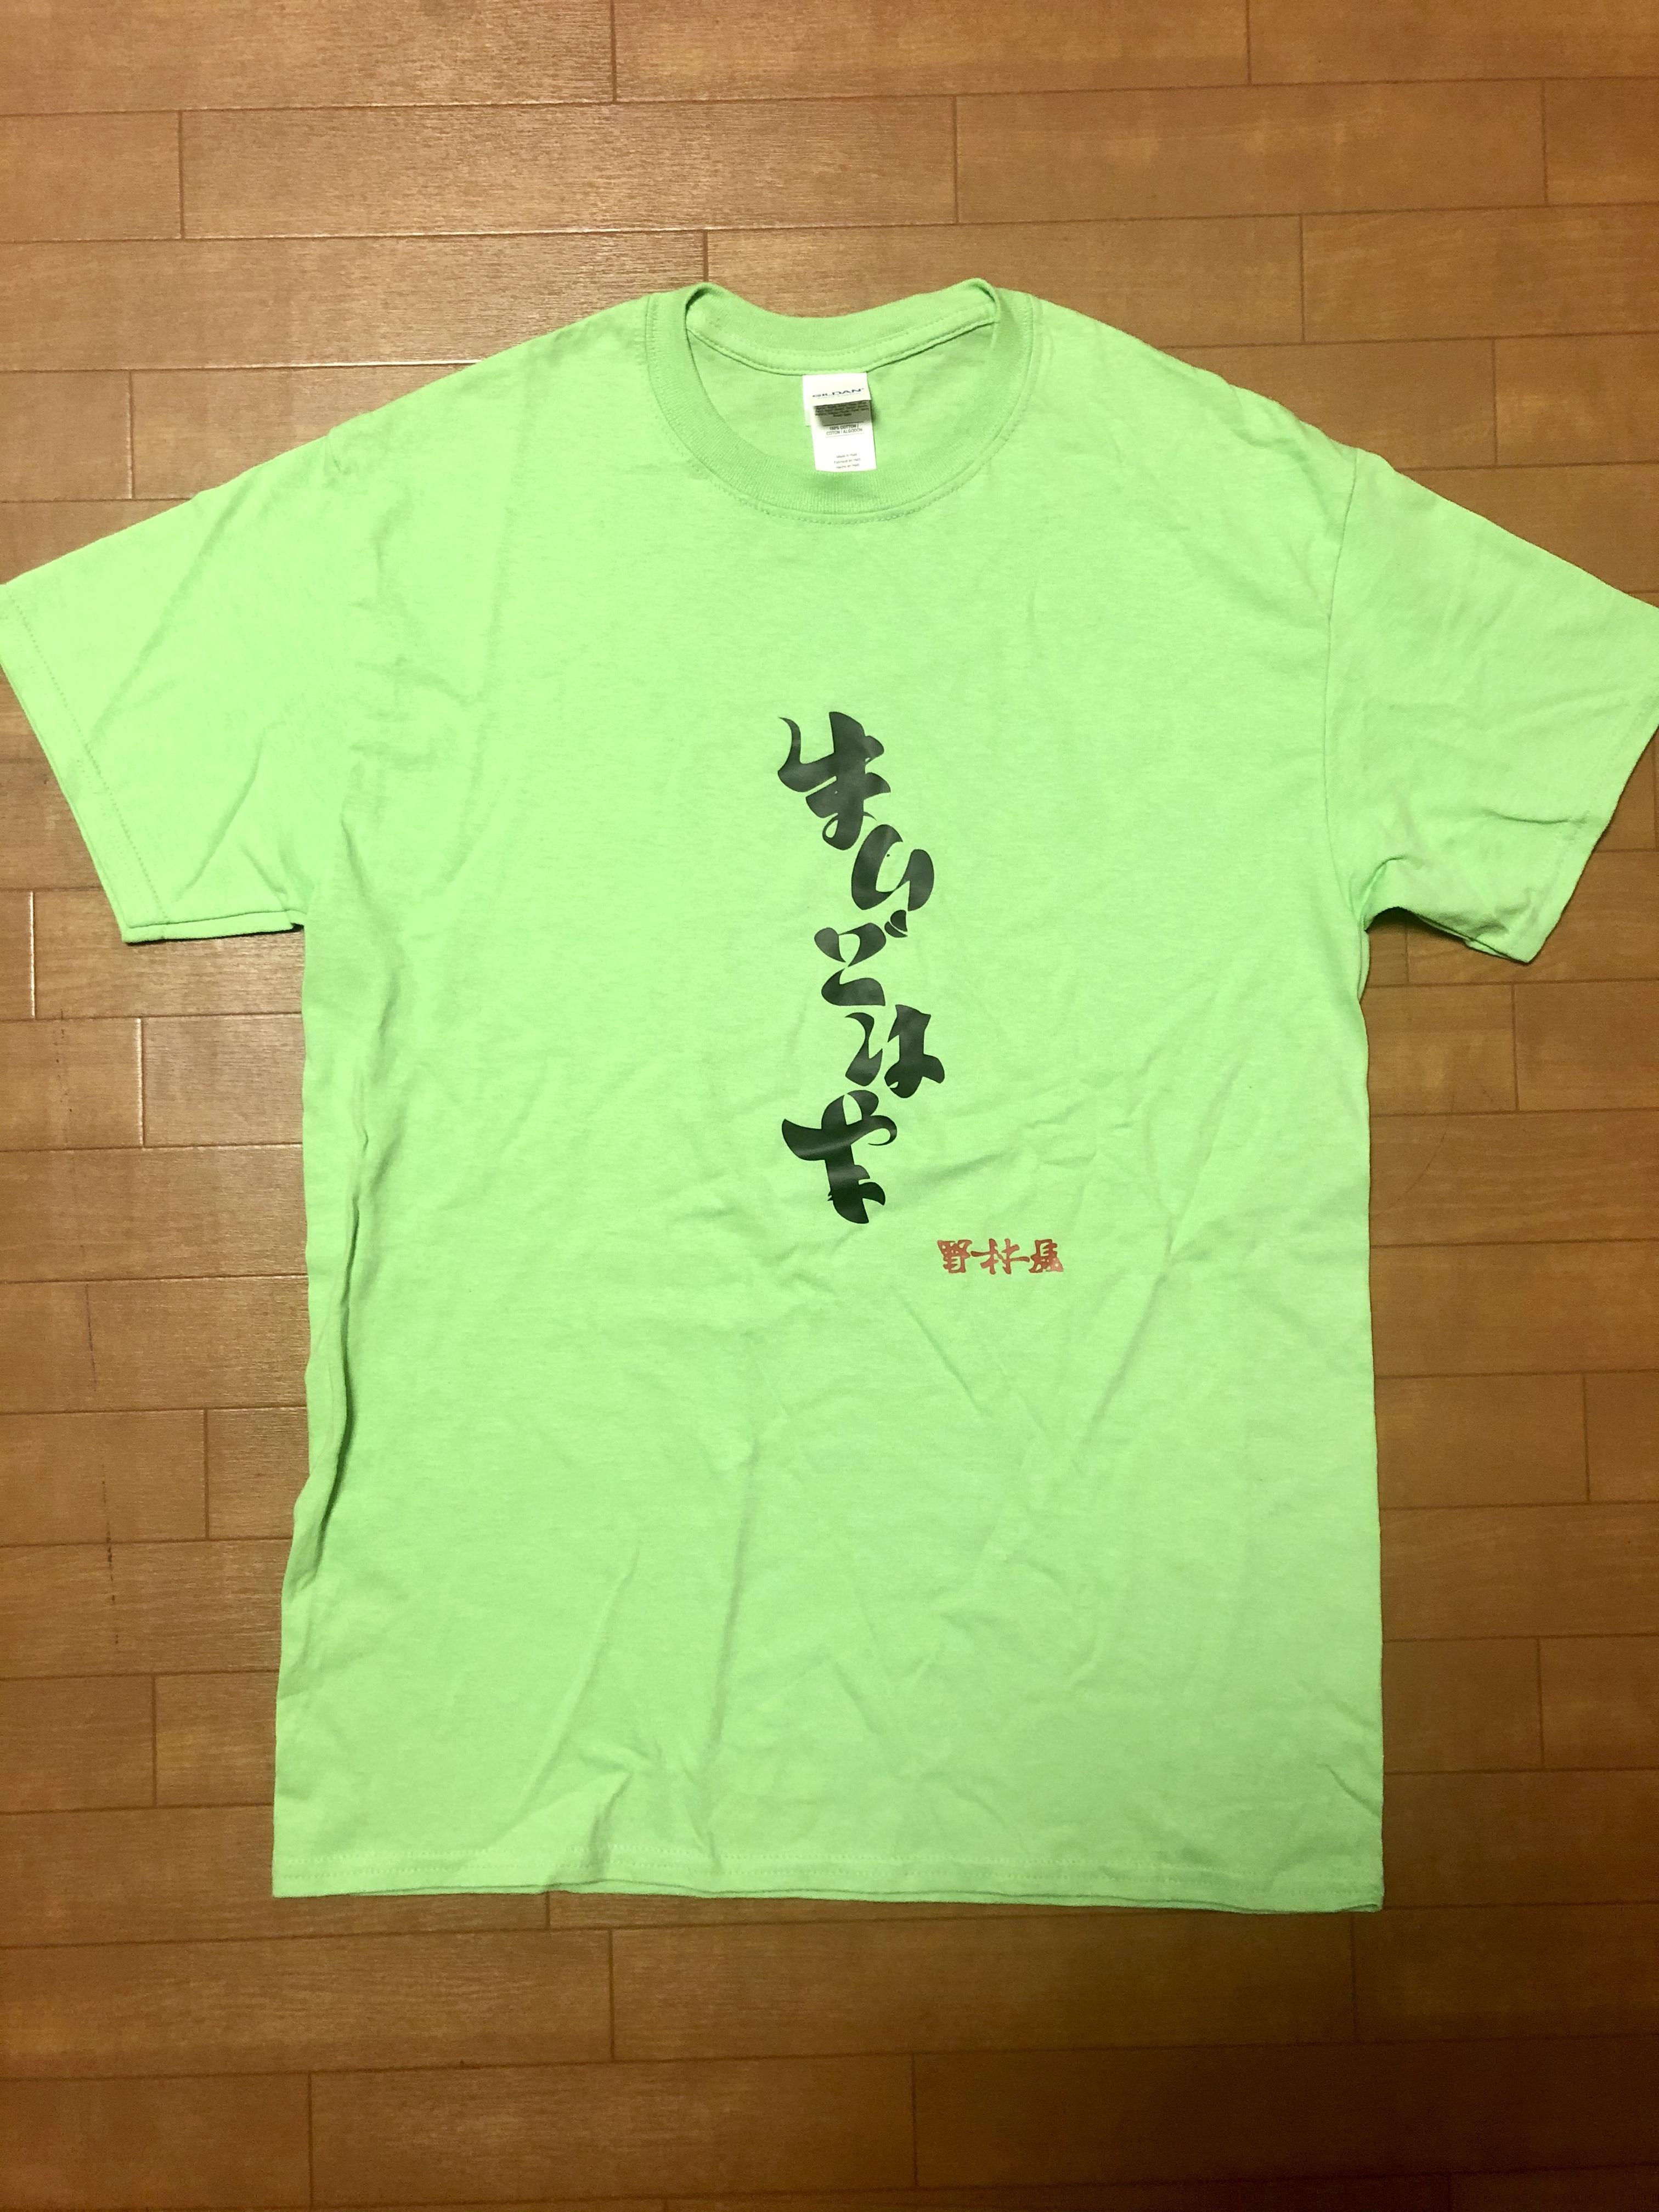 【チューリップテレビ「ゆるゆる富山遺産」放映記念!】『まいどはや⇔またこられ』Tシャツ【1点限定】Mサイズ